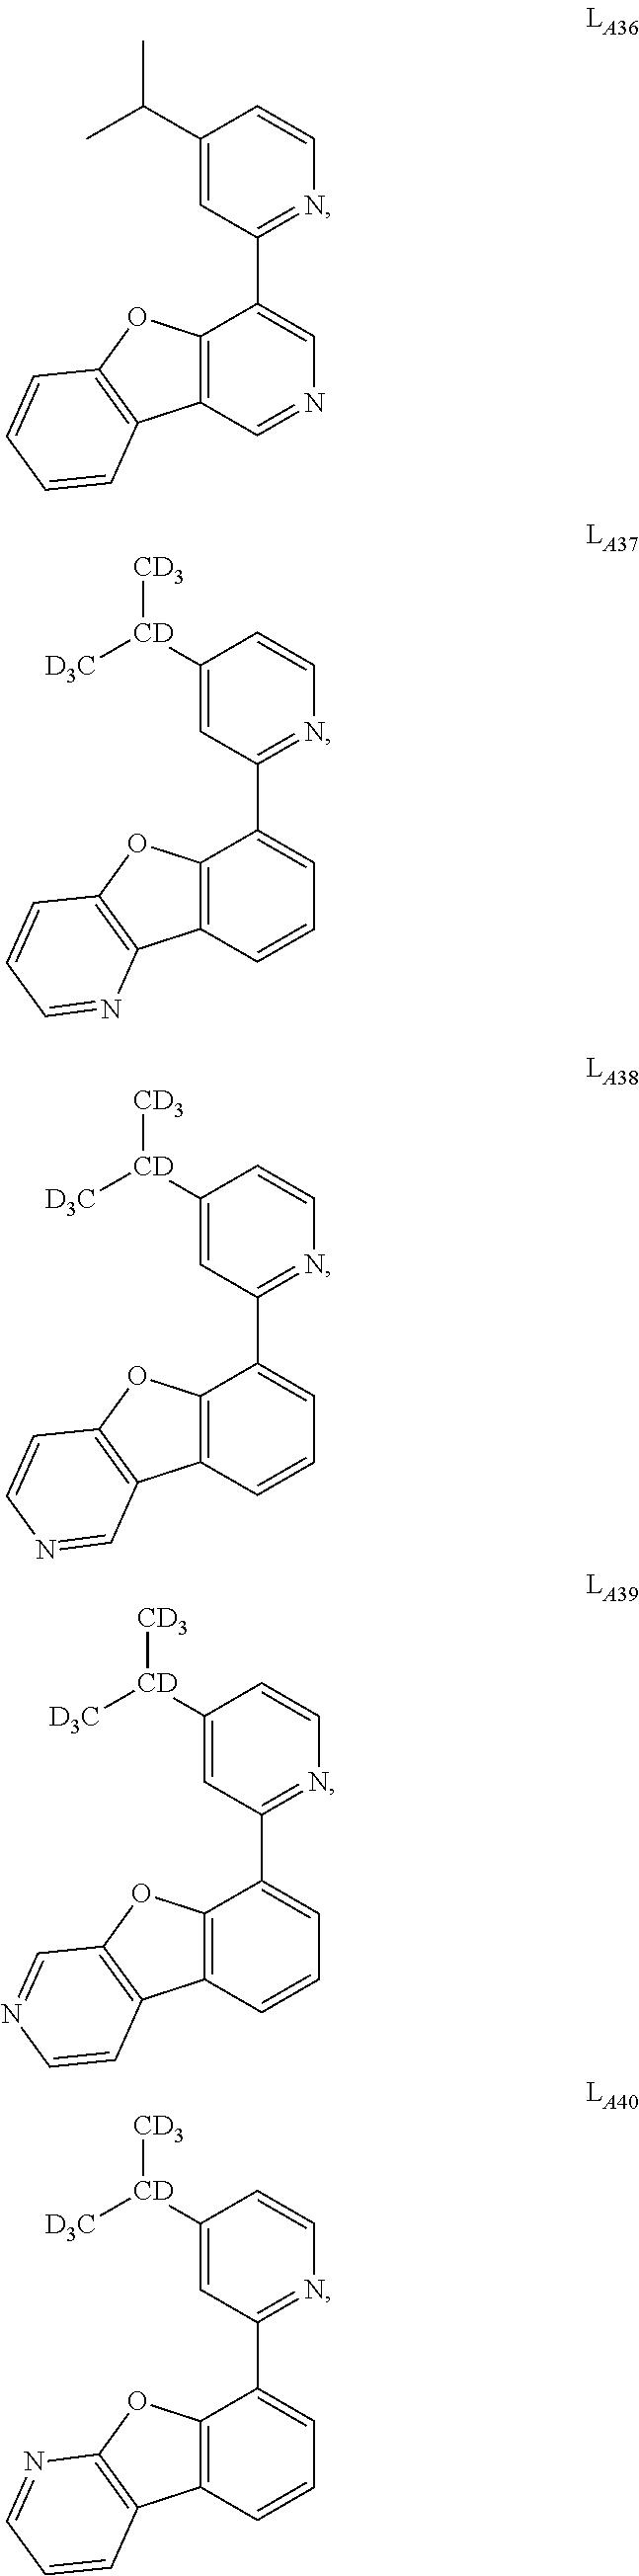 Figure US09634264-20170425-C00011